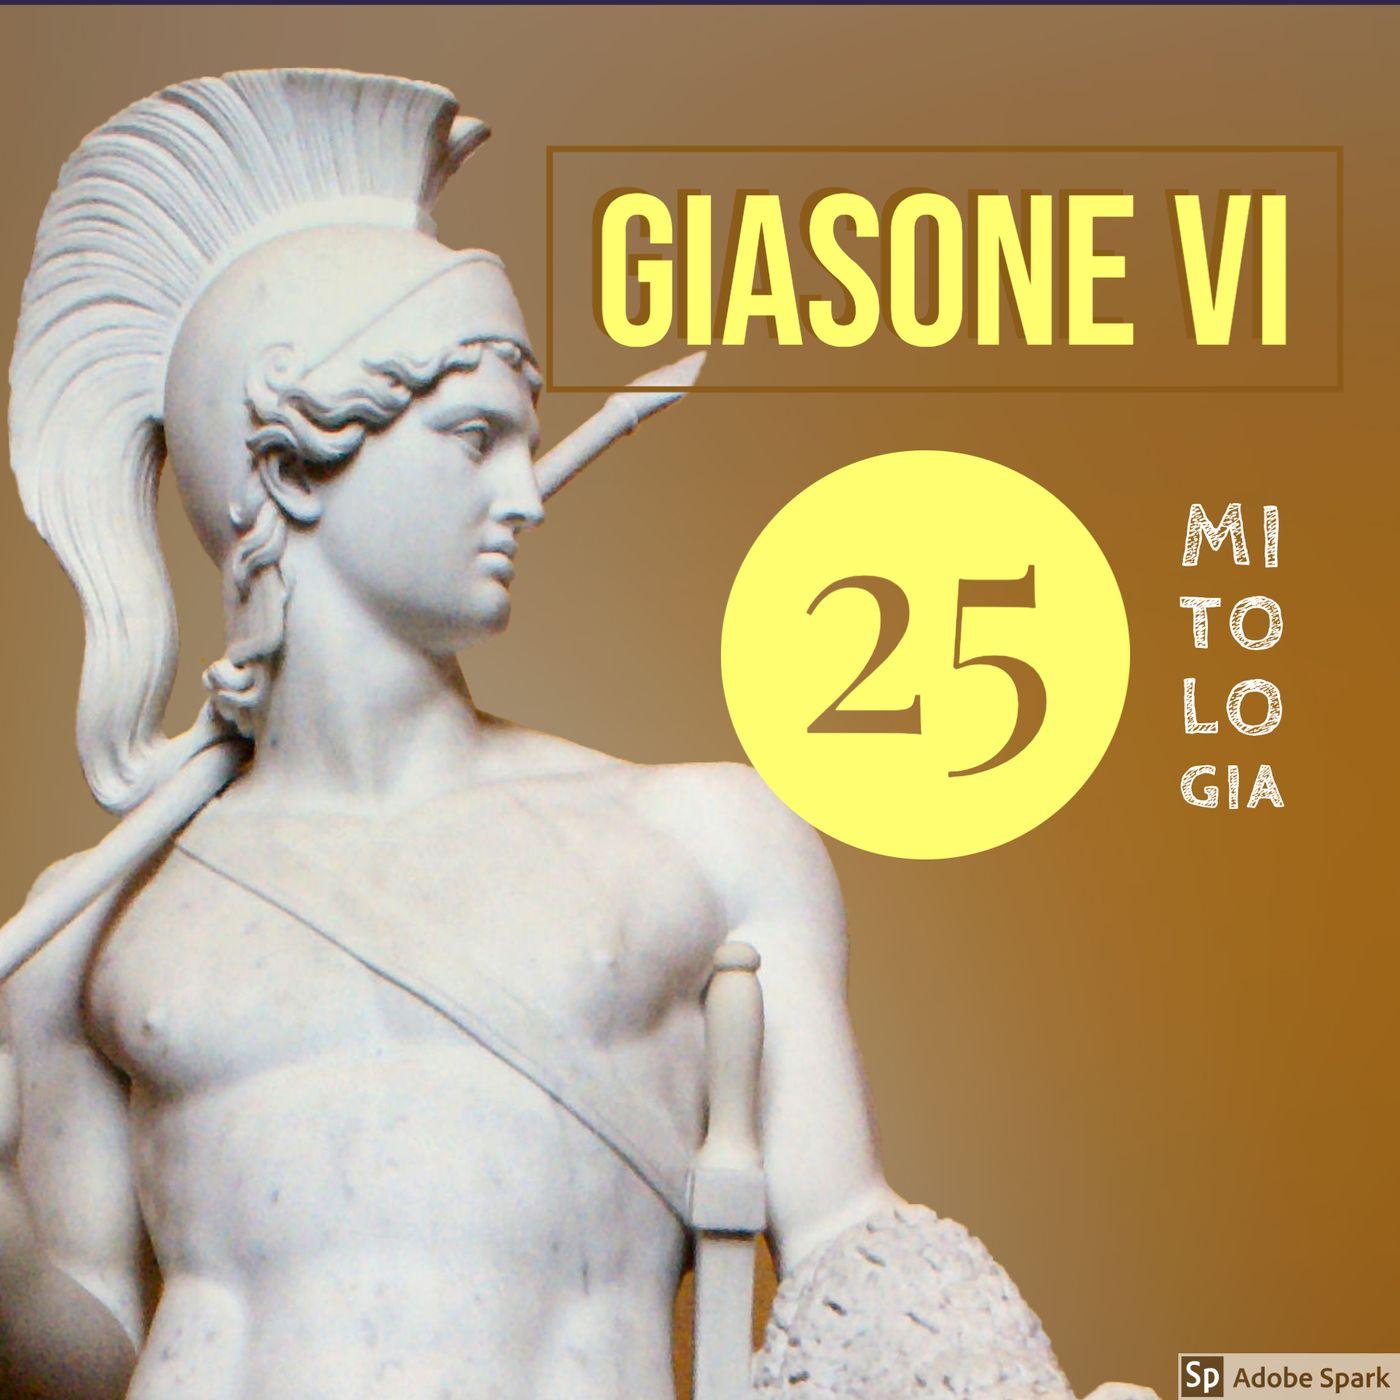 Giasone - VI - Apsirto, Le nozze, Talo, le Sirene e il ritorno a Iolco